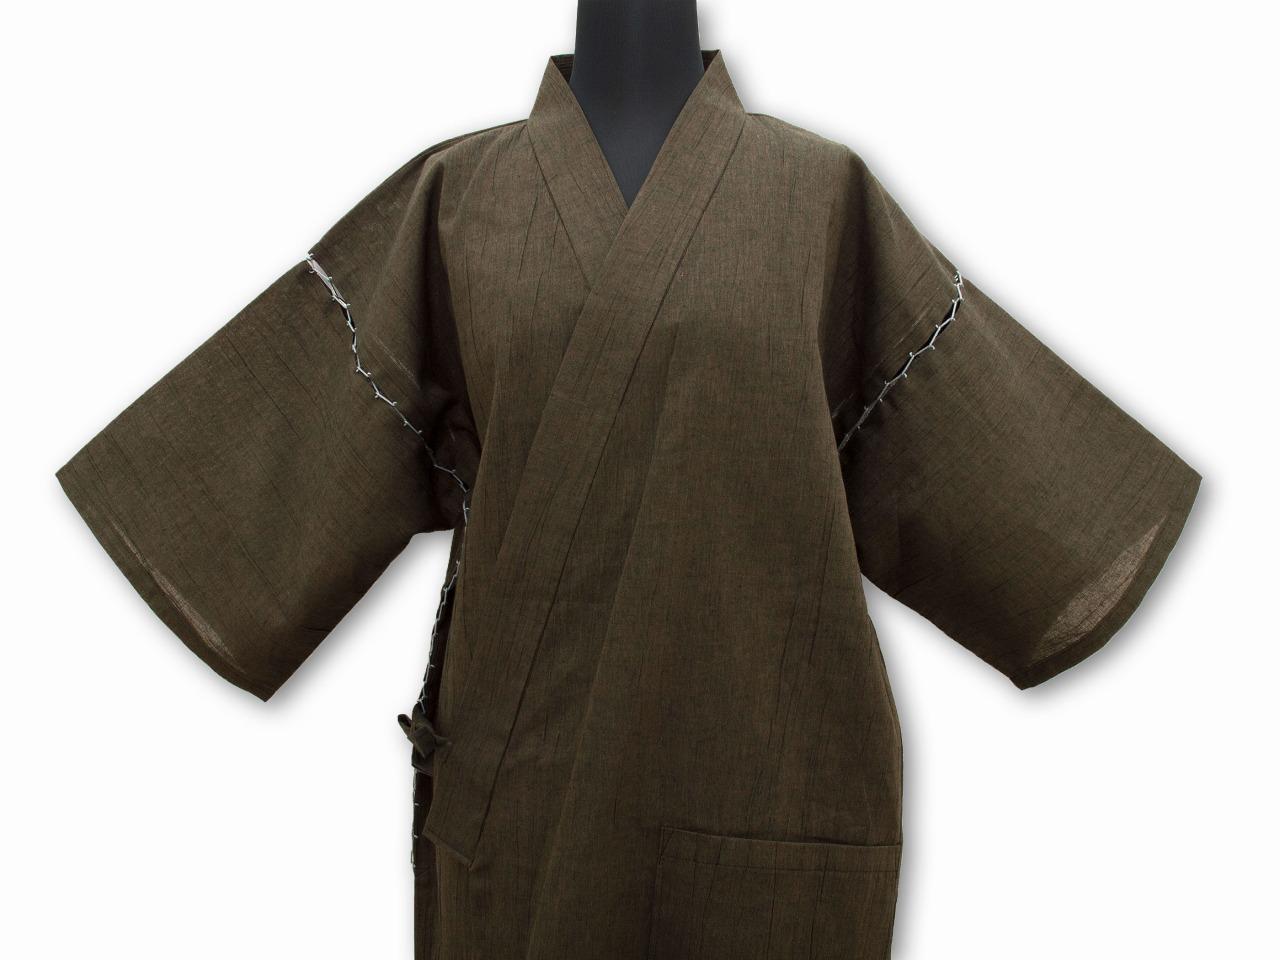 綿麻楊柳甚平(日本製) 茶 上着全体